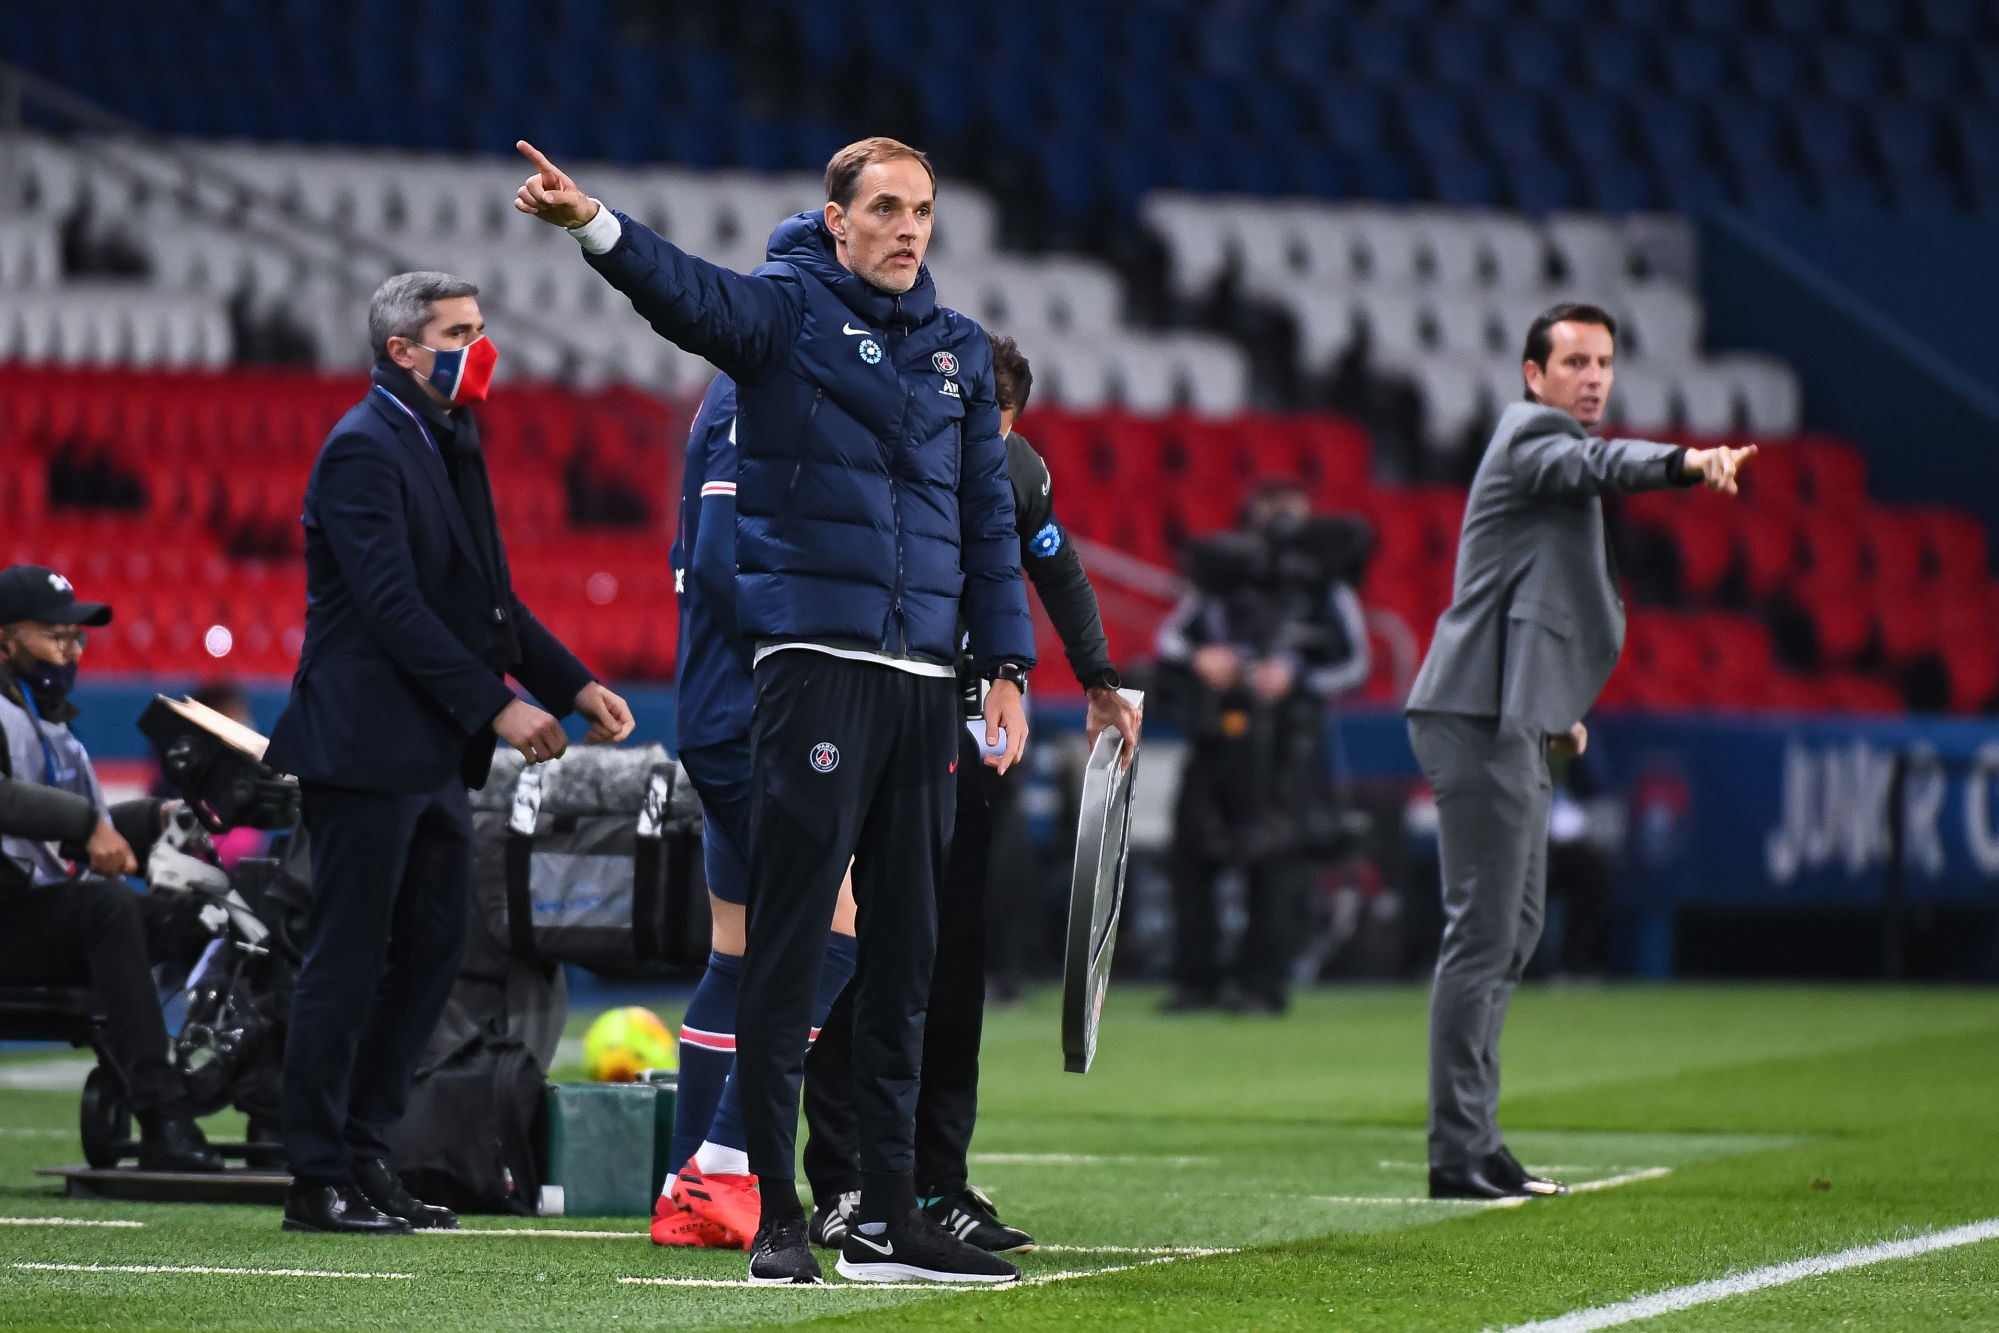 """PSG/Rennes - Tuchel est """"très fier"""" et évoque les difficultés physiques"""